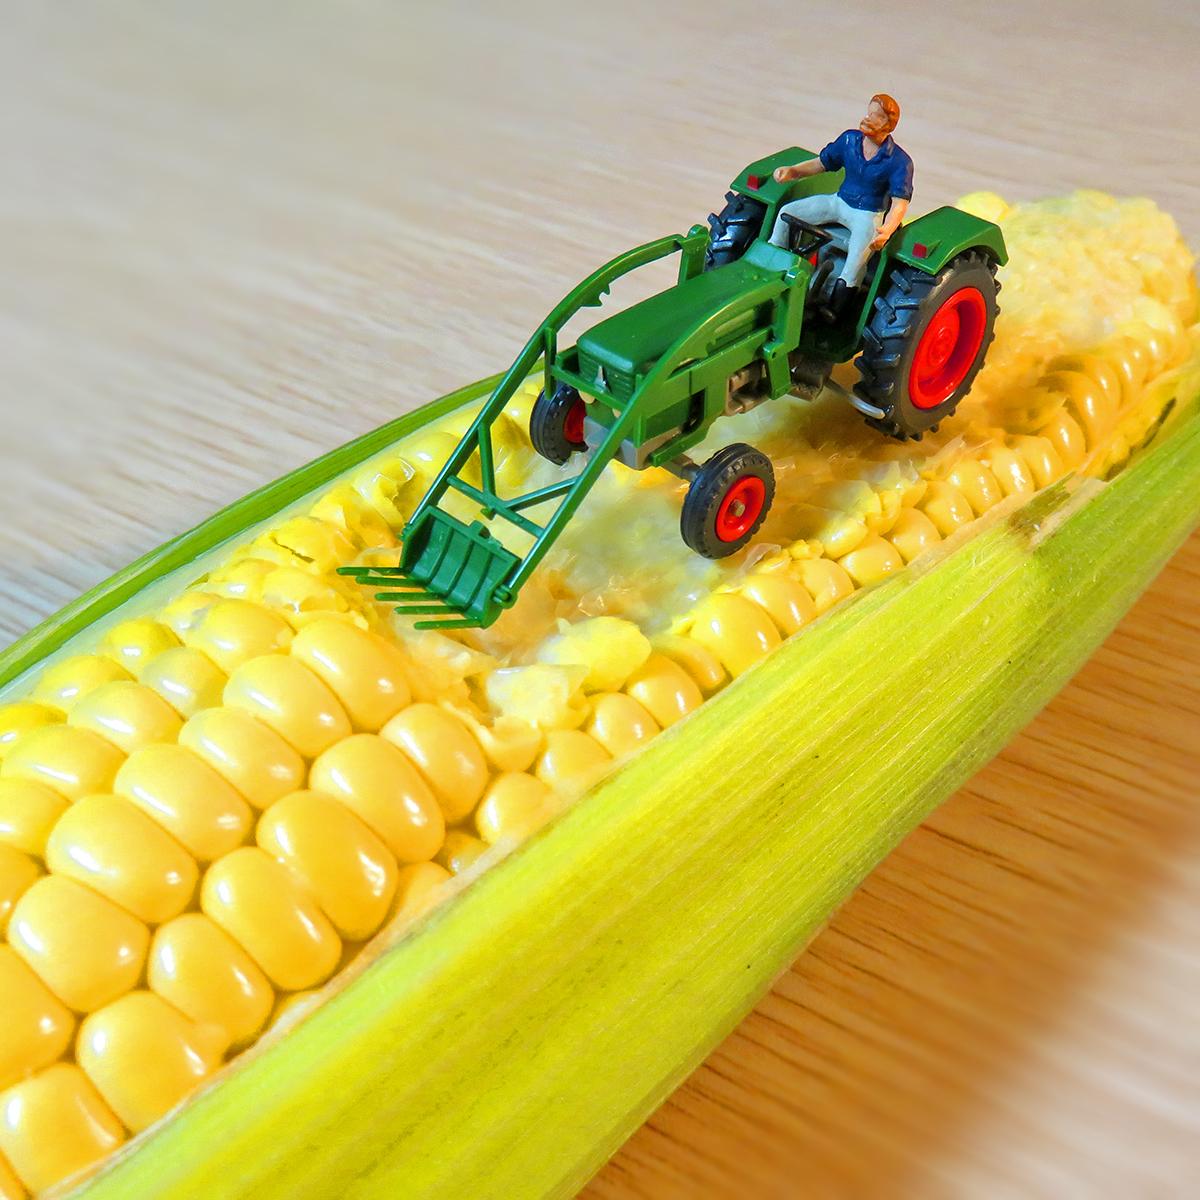 トウモロコシをトラクターで収穫する農作業員